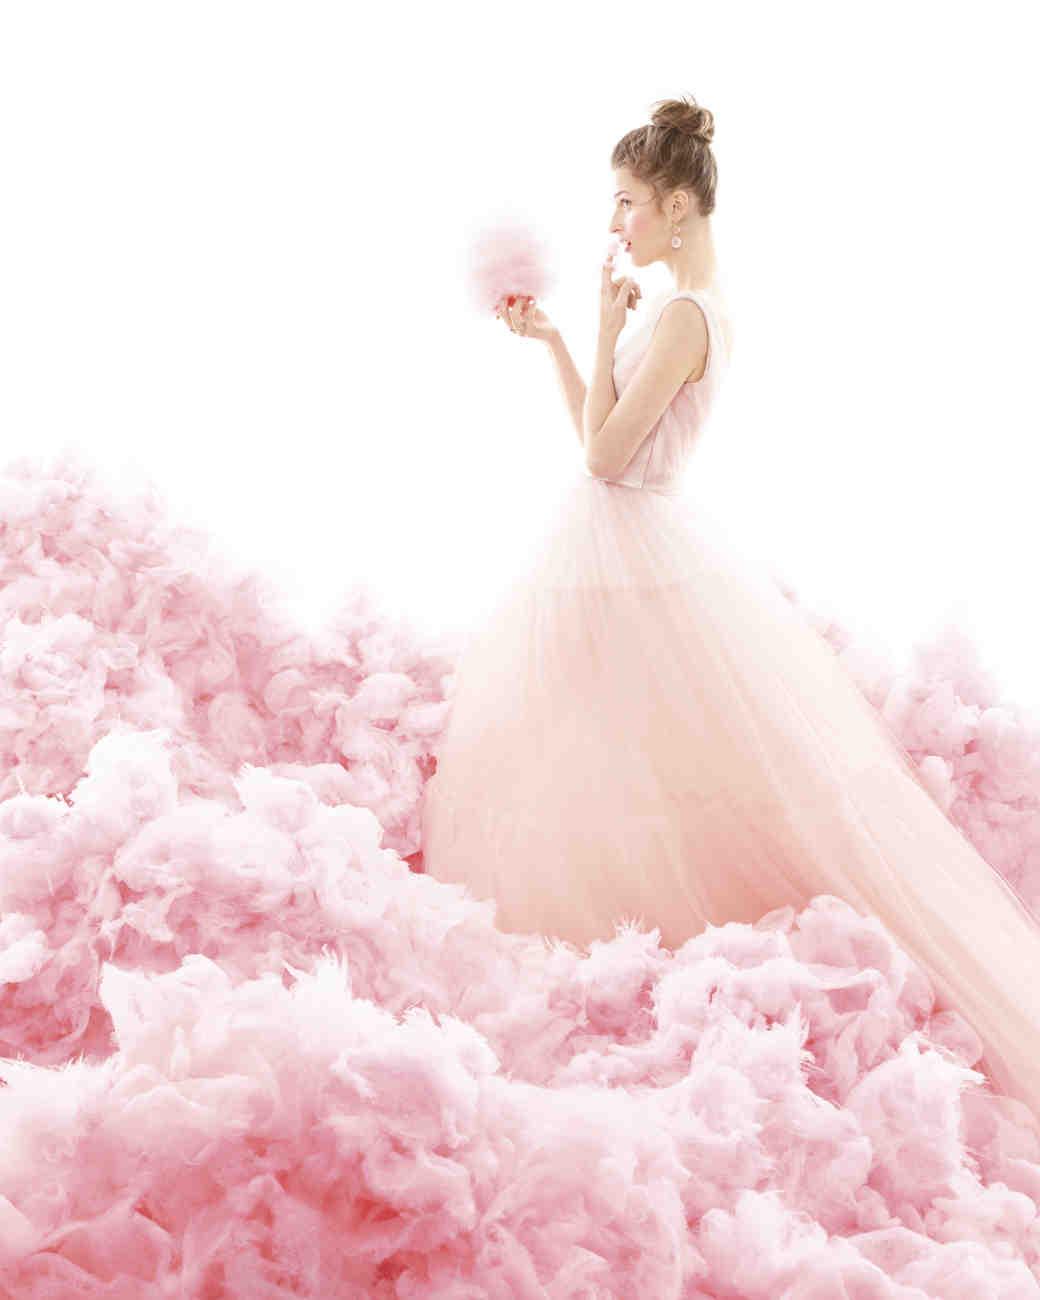 cotton-candy-wedding-dress-167-d111904.jpg